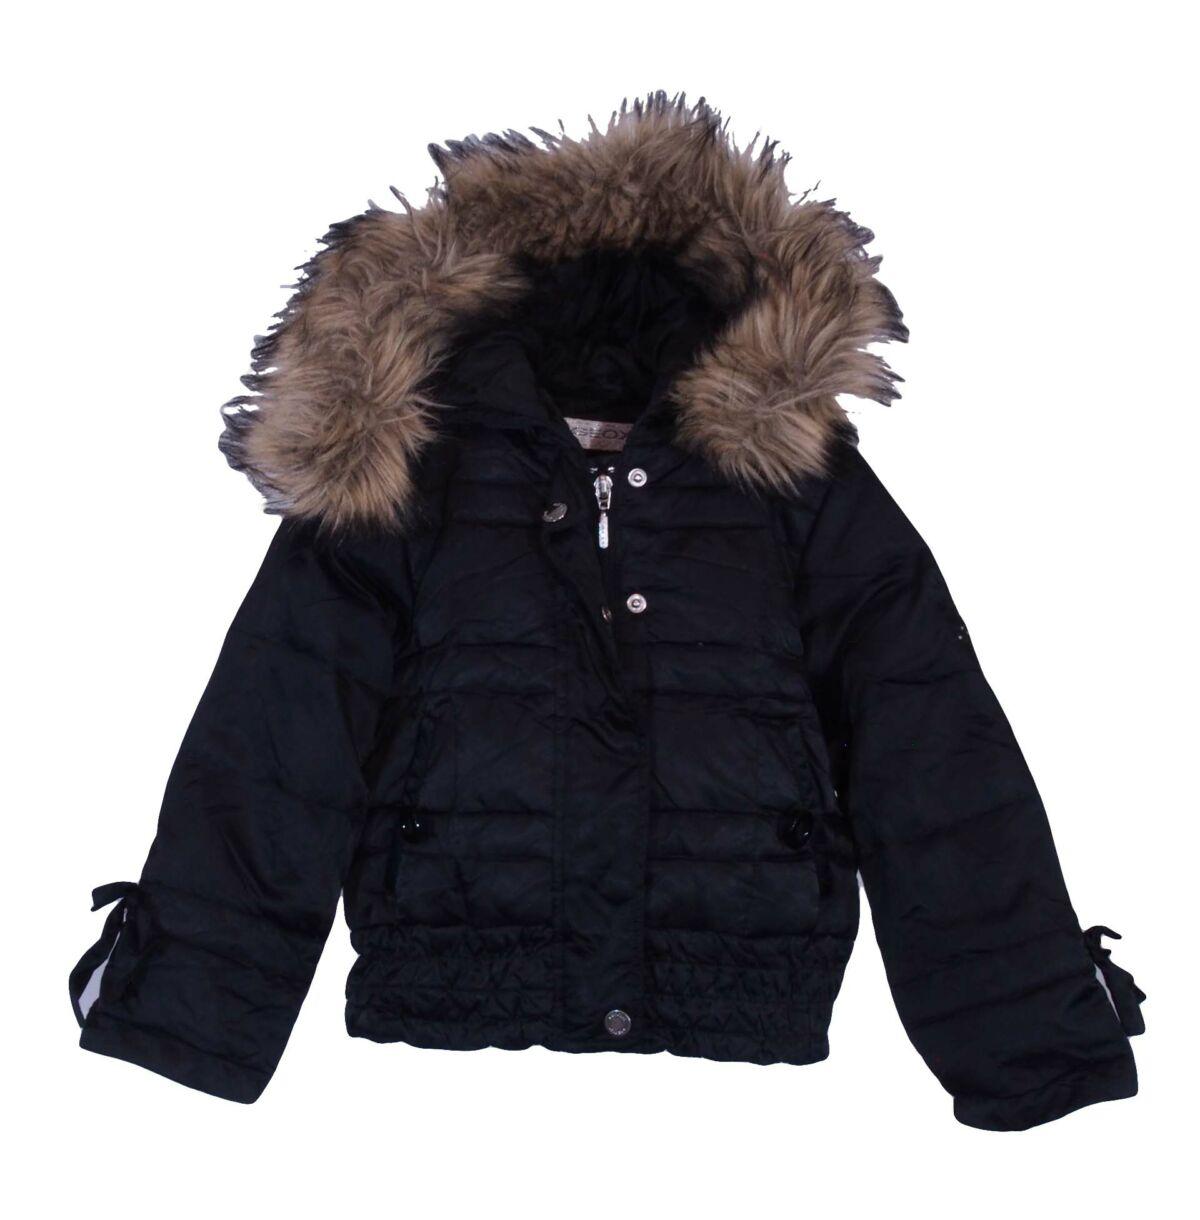 dbd50465ac használt gyerekruha · Fekete szőrmekapucnis középvastag kabát (2-3 év)